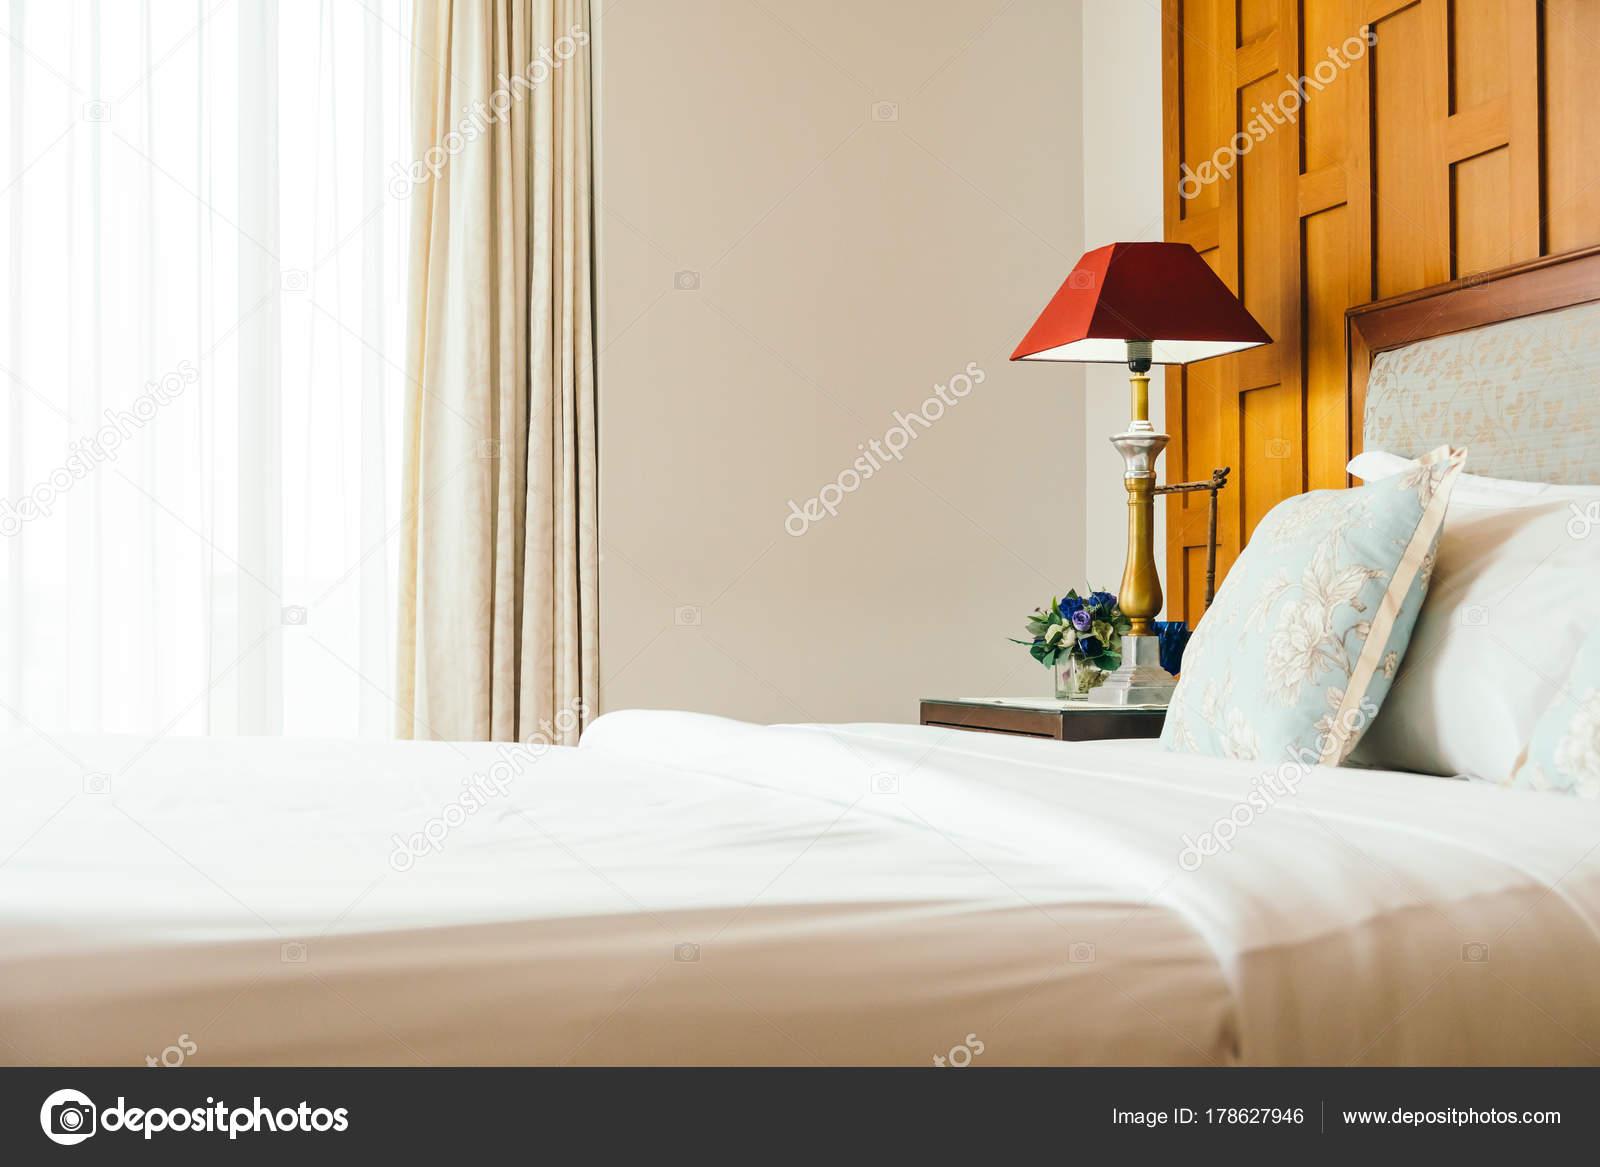 Komfort Kissen Auf Dem Bett Mit Lampe Dekoration Hotel Schlafzimmer U2014  Stockfoto